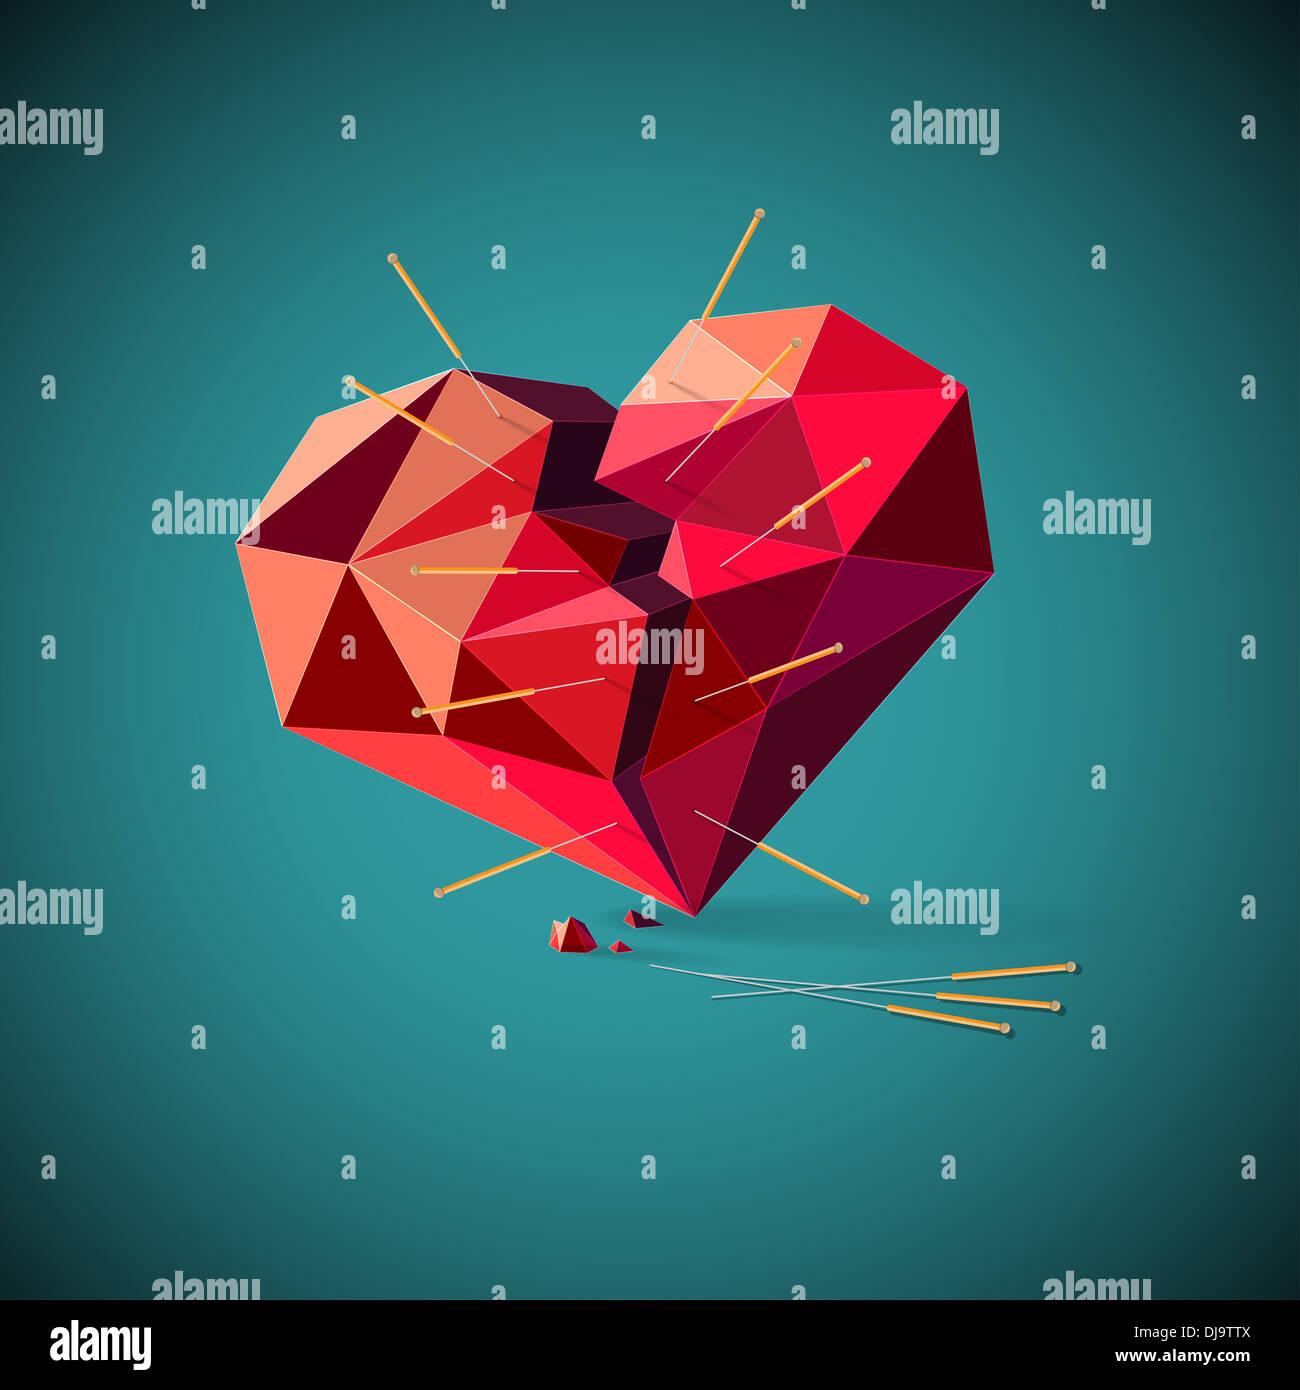 Broken Heart Stock Photos & Broken Heart Stock Images - Alamy